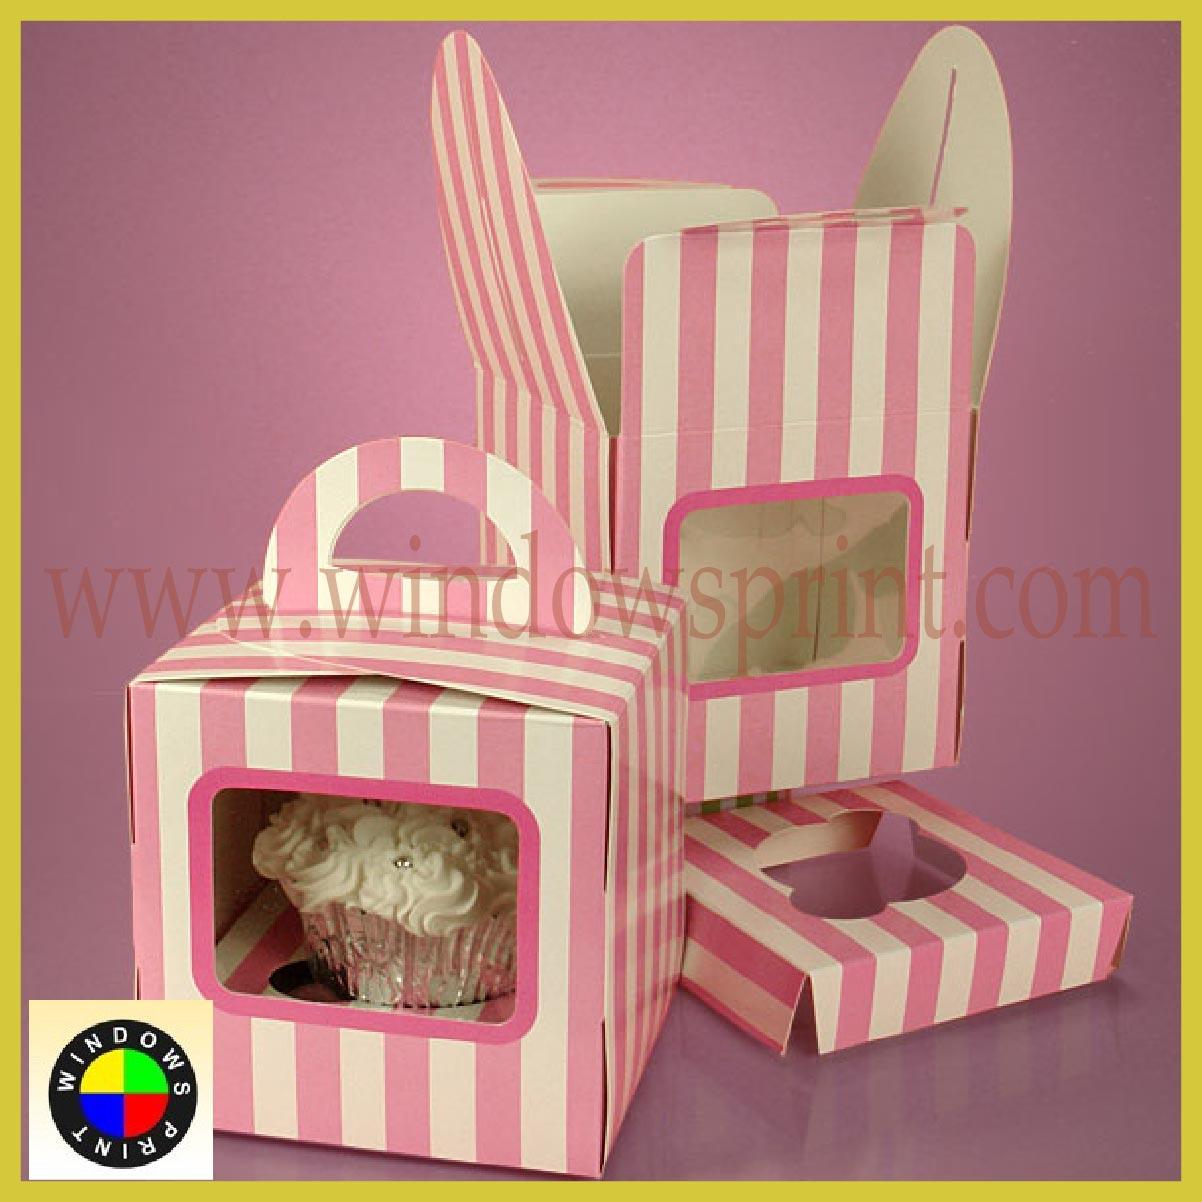 Wedding Cupcake Favor Boxes, Wedding Cupcake Favor Boxes Suppliers ...